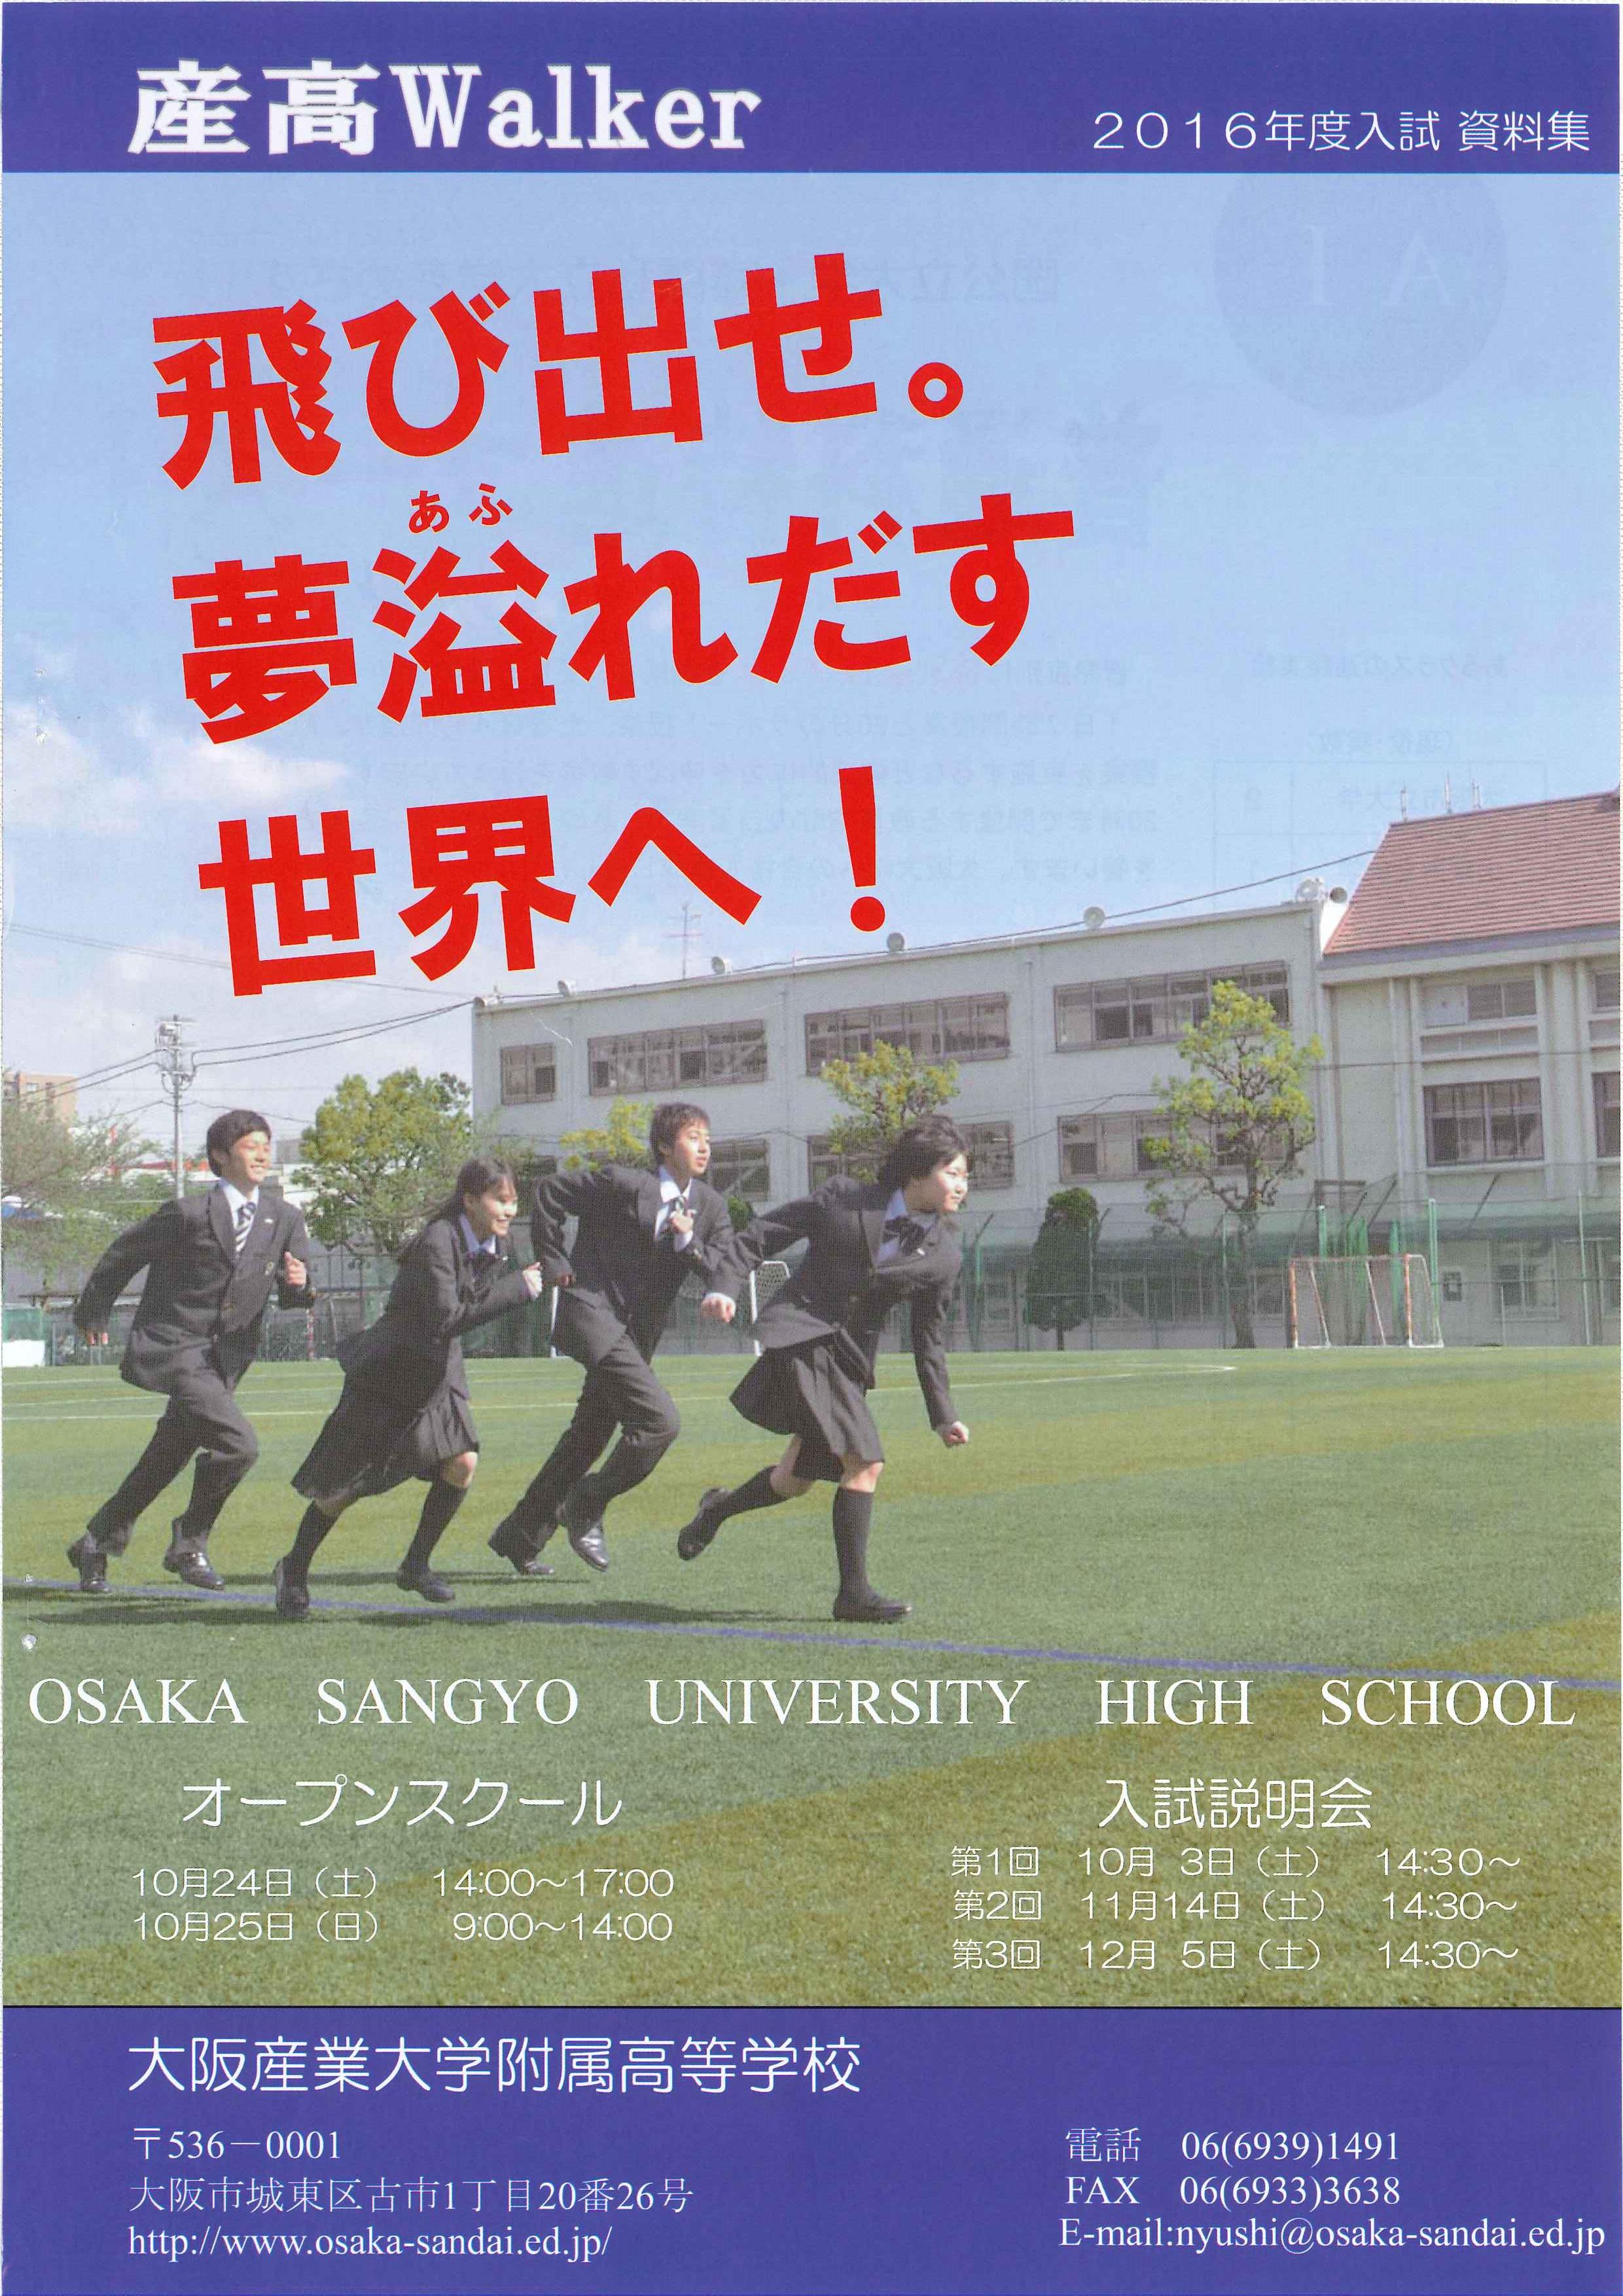 大阪 産業 大学 附属 高等 学校